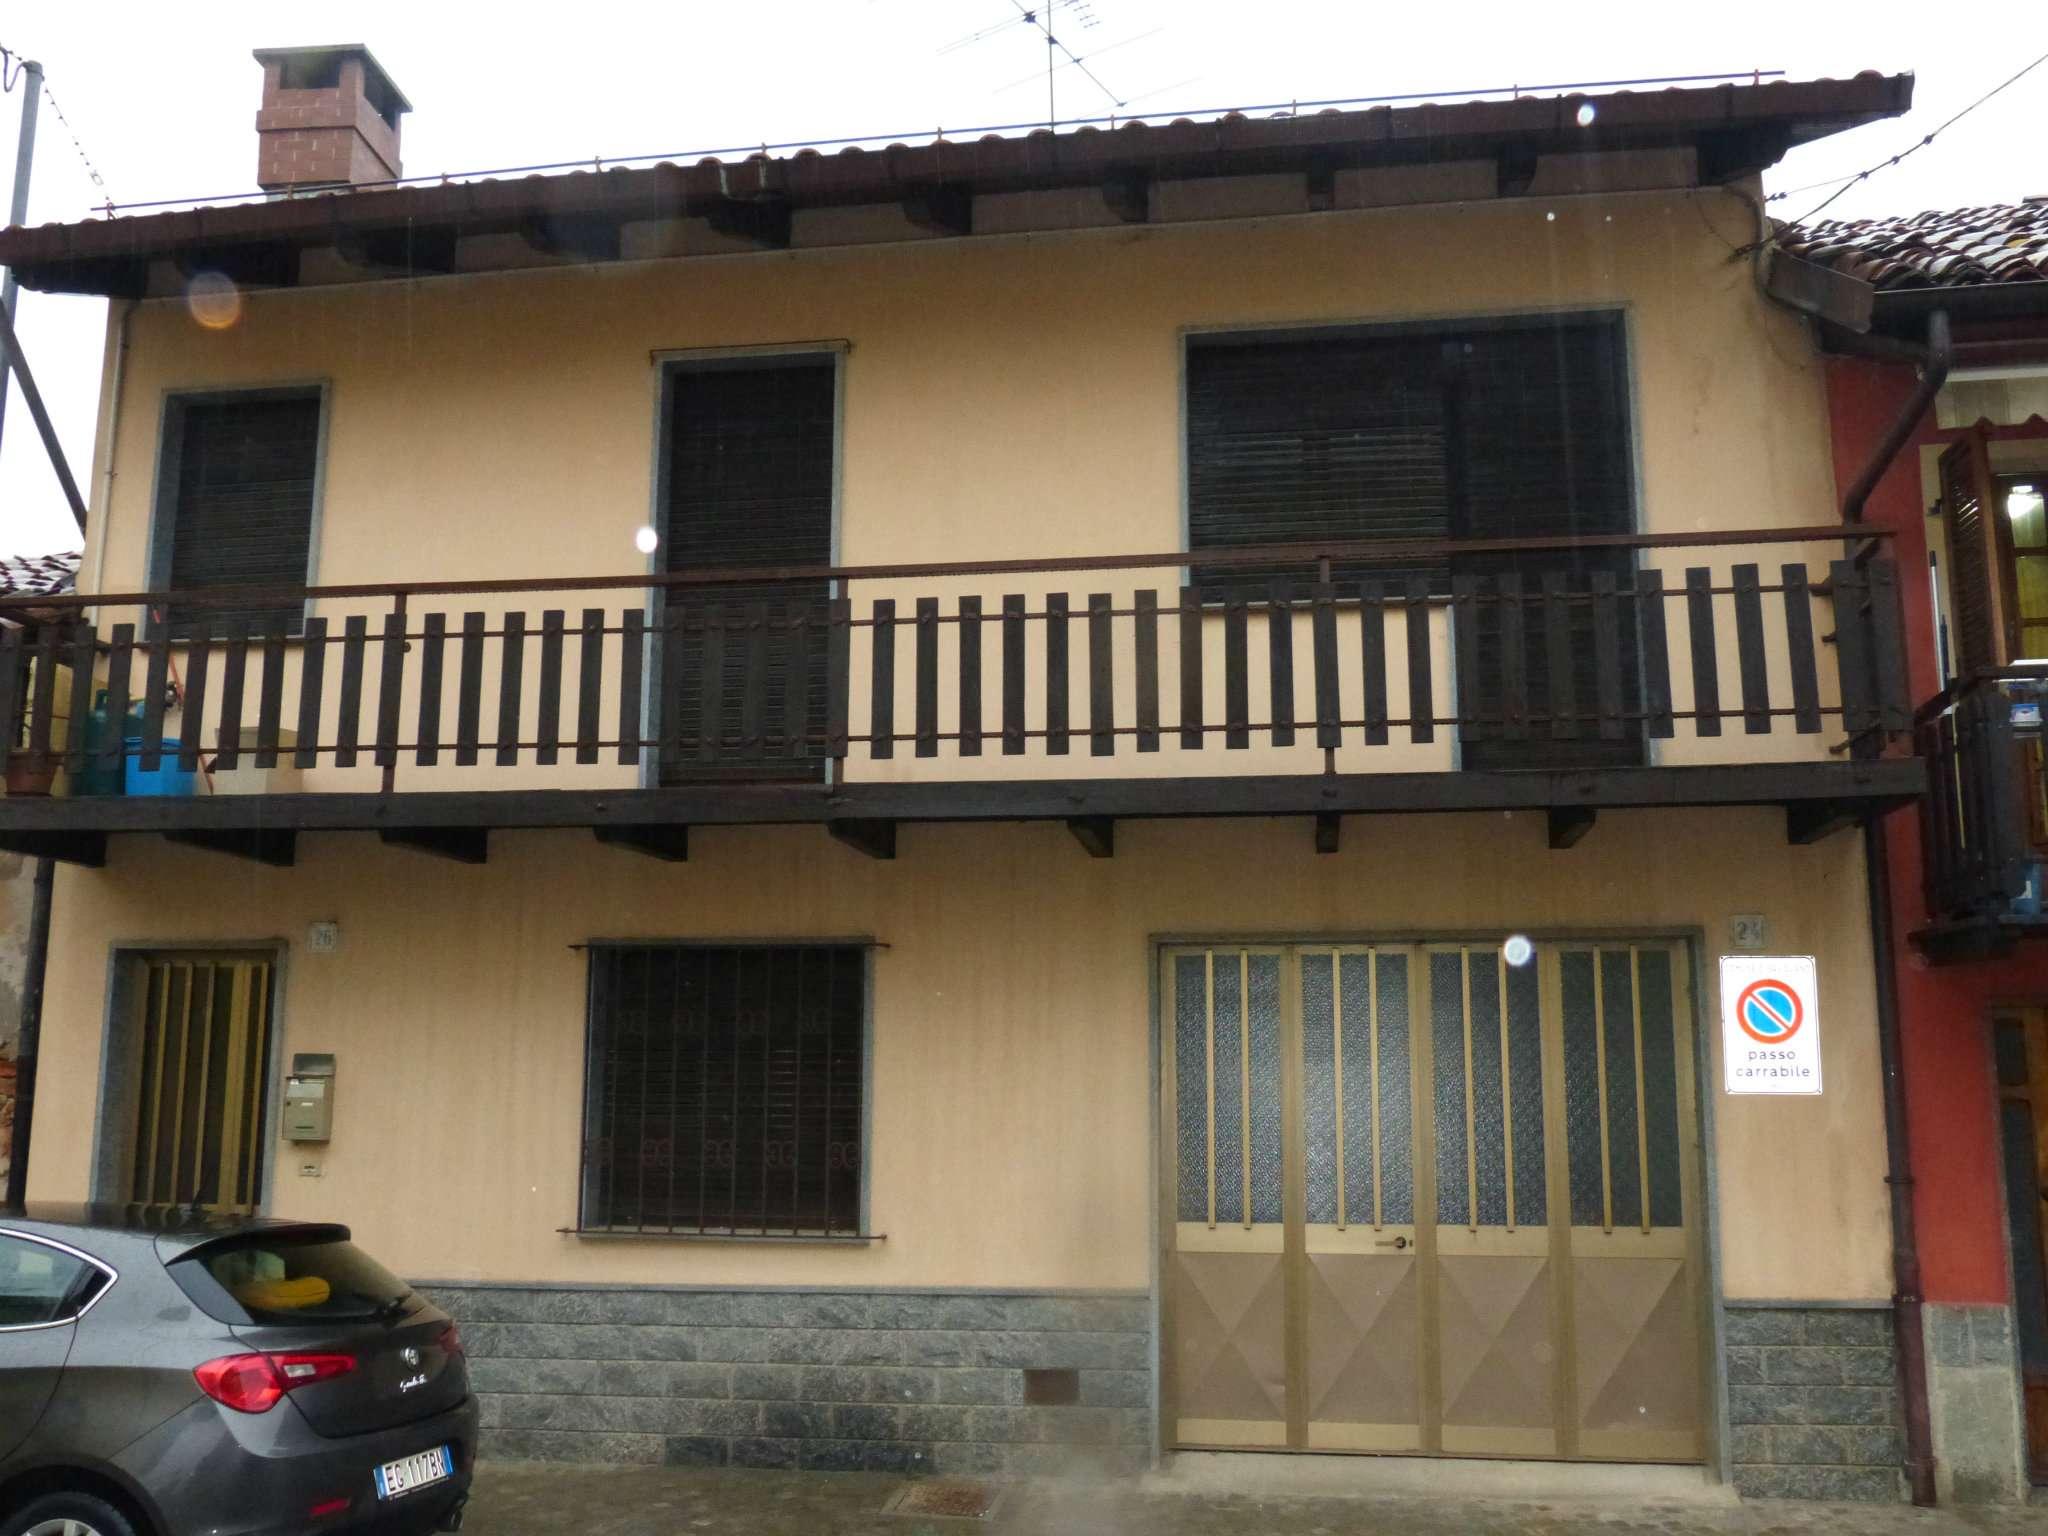 Soluzione Indipendente in vendita a Savigliano, 4 locali, prezzo € 72.000 | CambioCasa.it